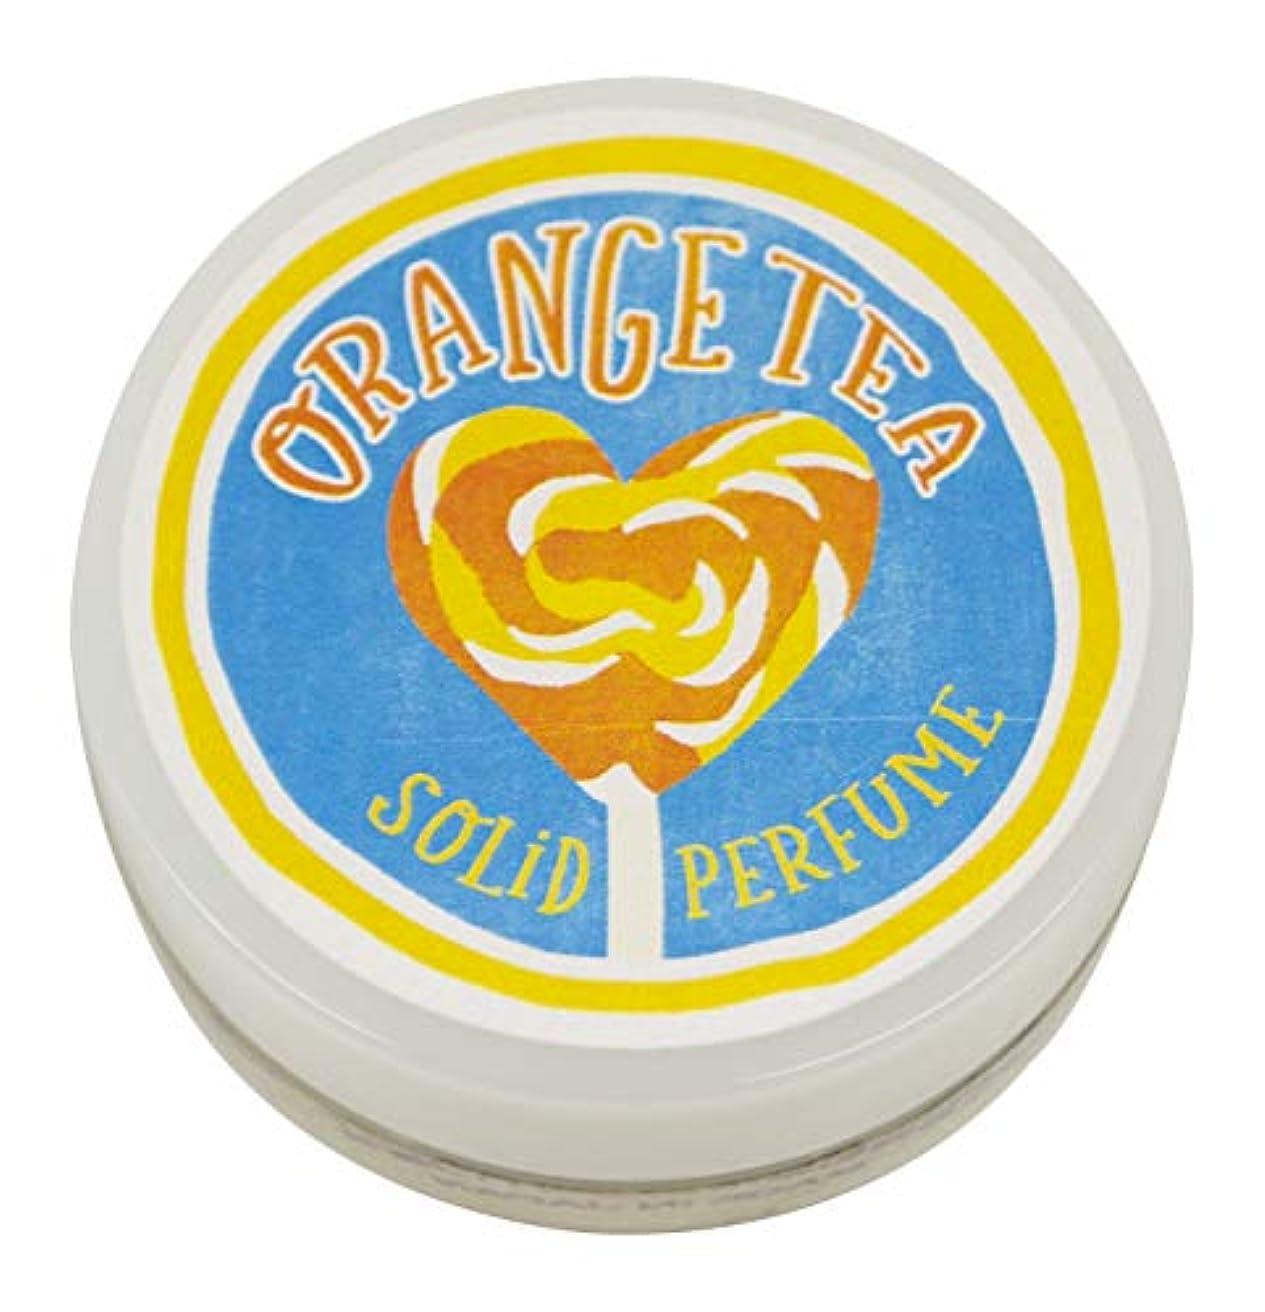 ご覧くださいバスタブ内部コトラボ 練り香水 8g オレンジティー